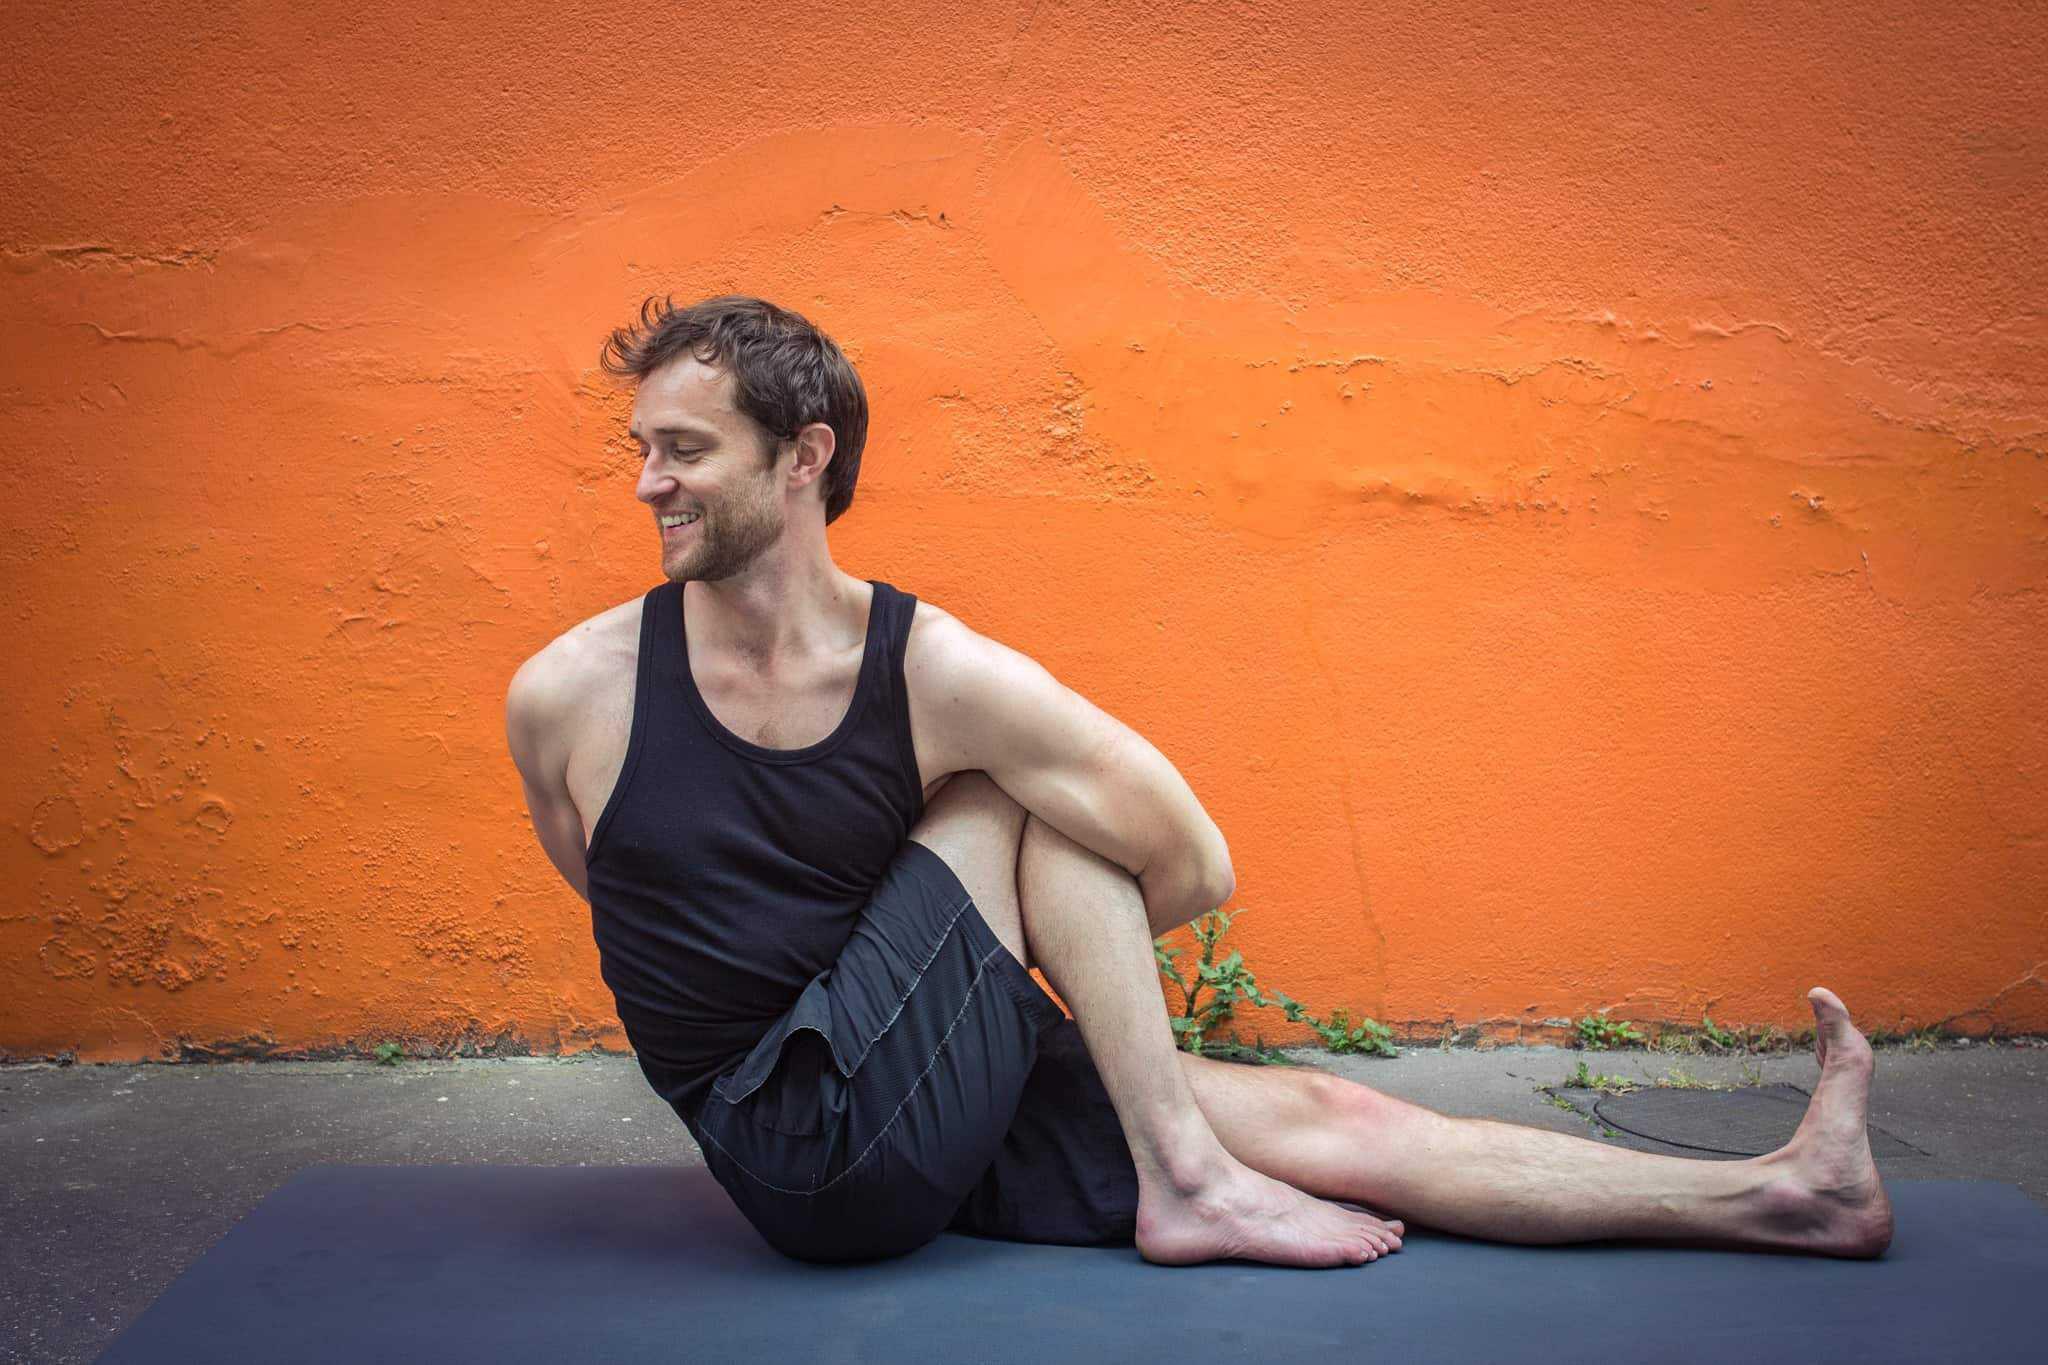 cours de yoga manoir du parc de la chataigneraie